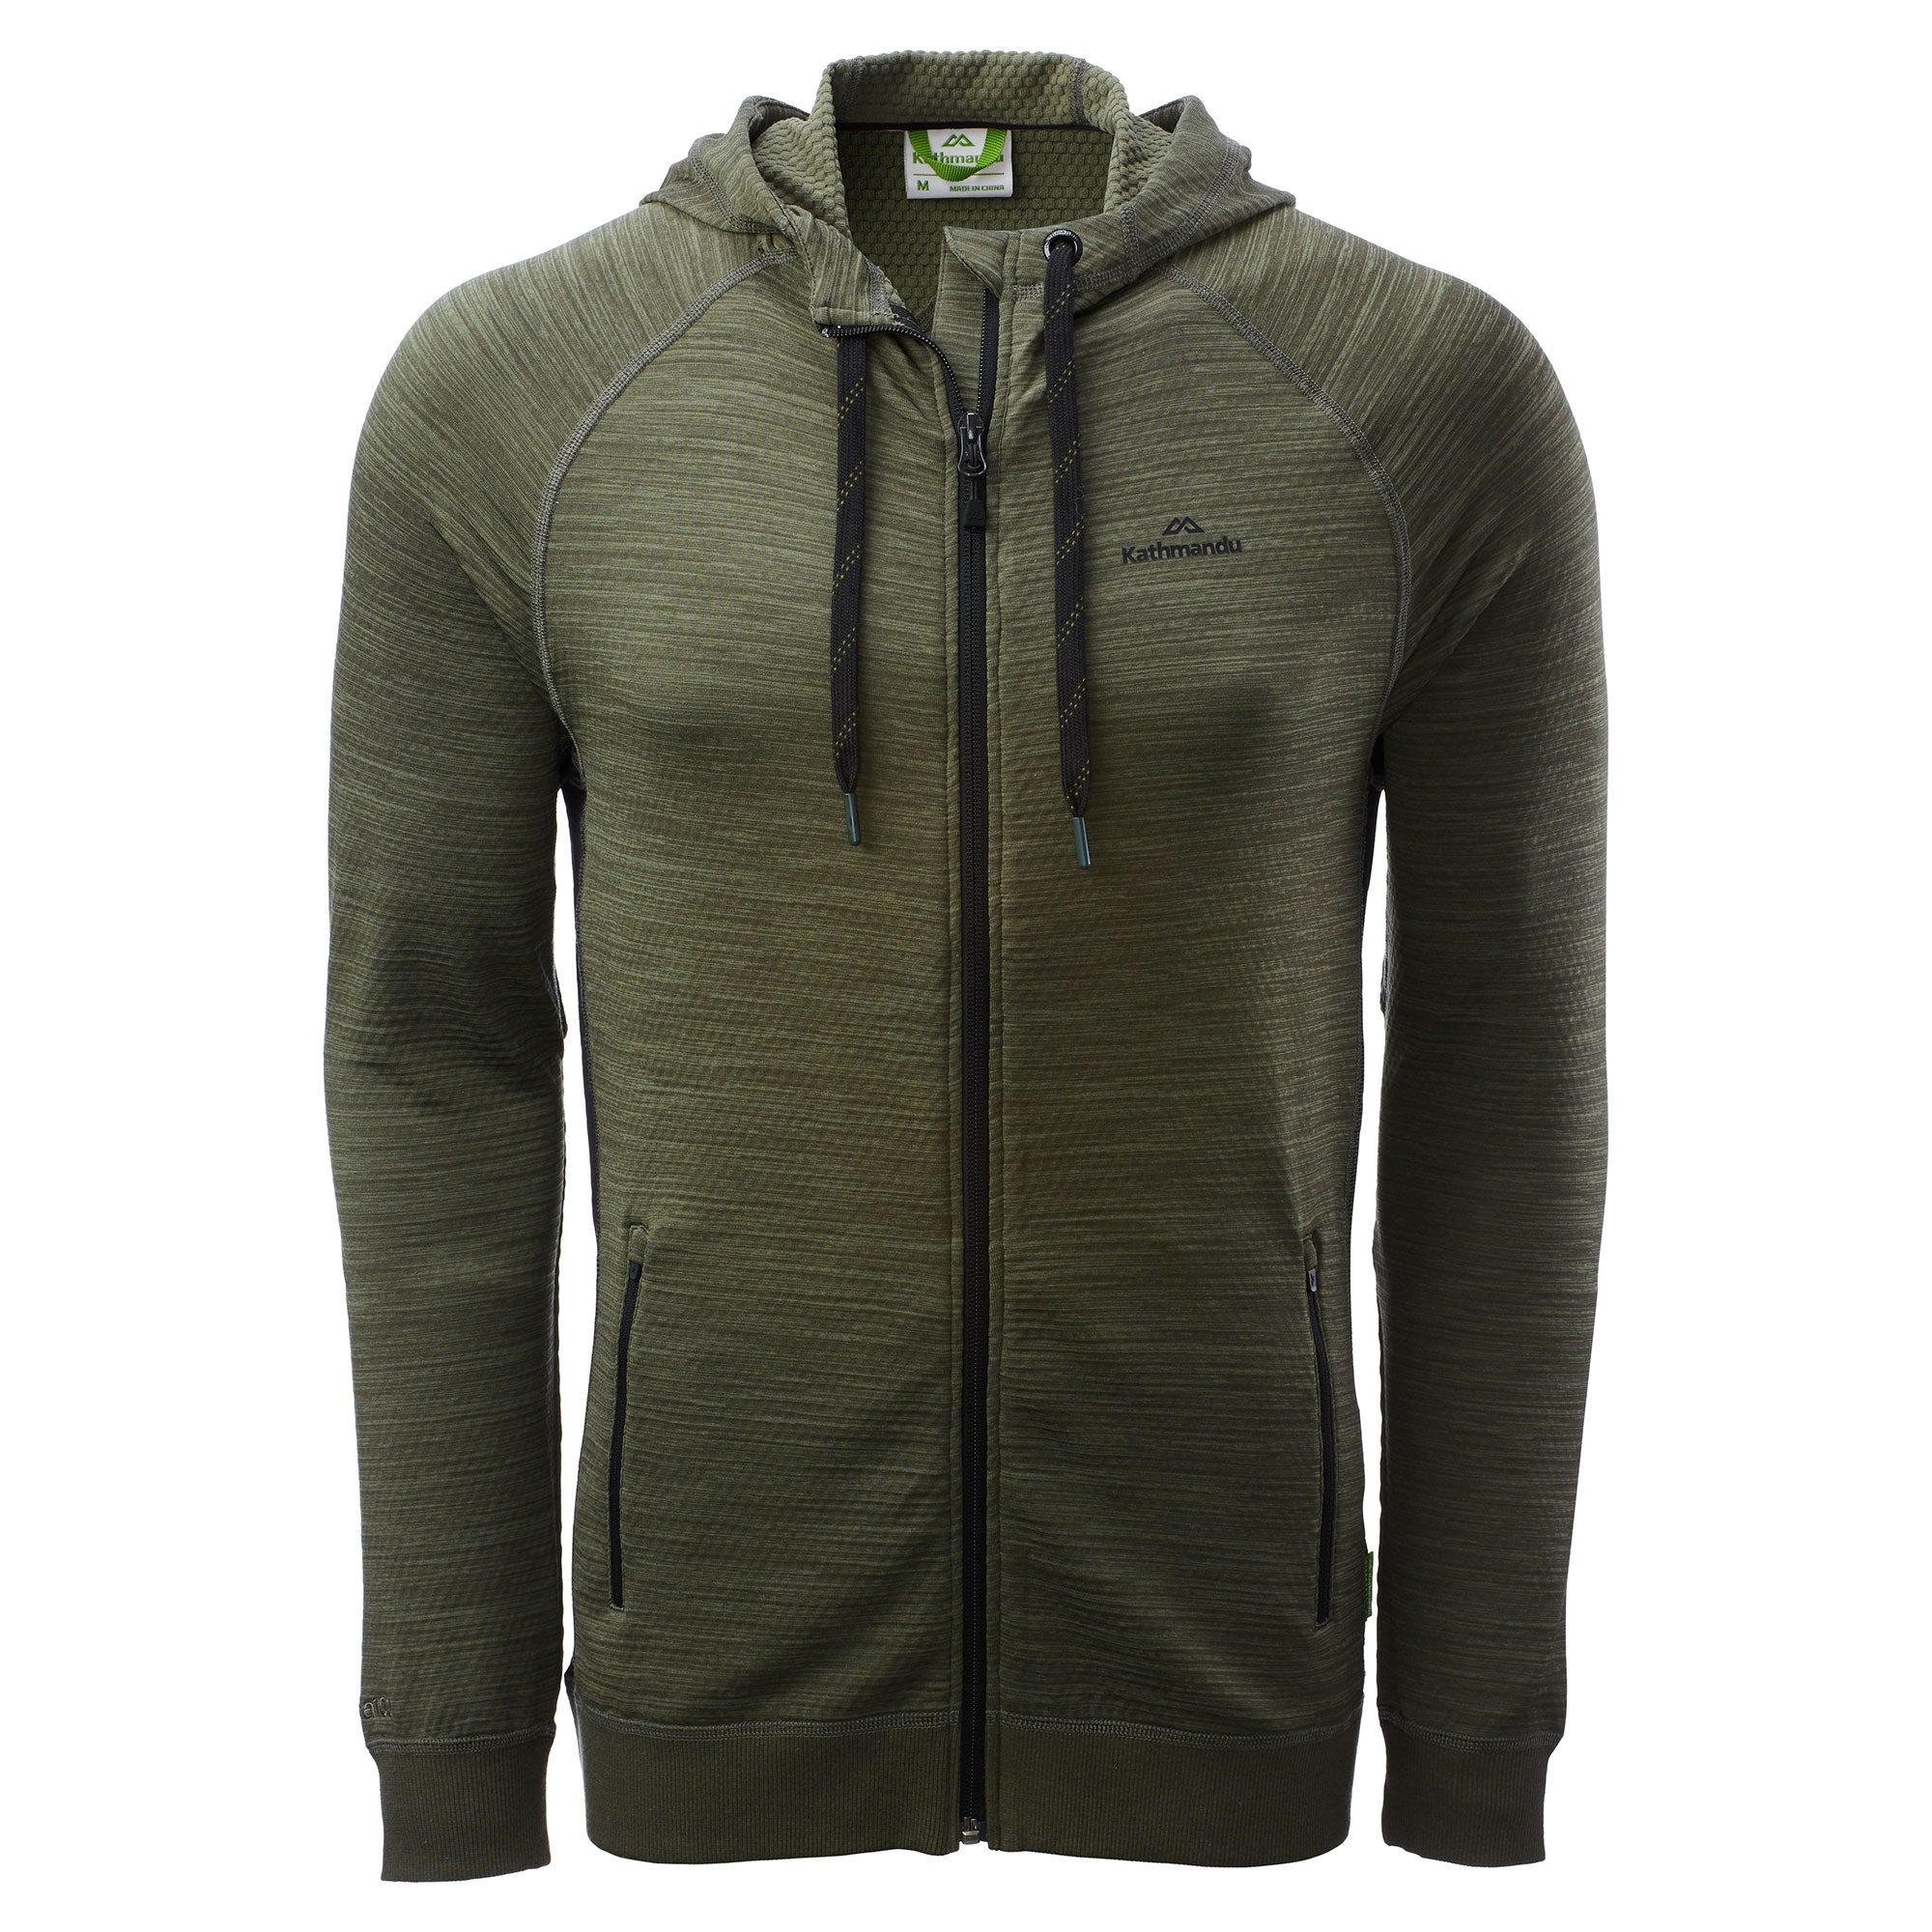 Kathmandu-Acota-Men-039-s-Hooded-Fleece-Jacket